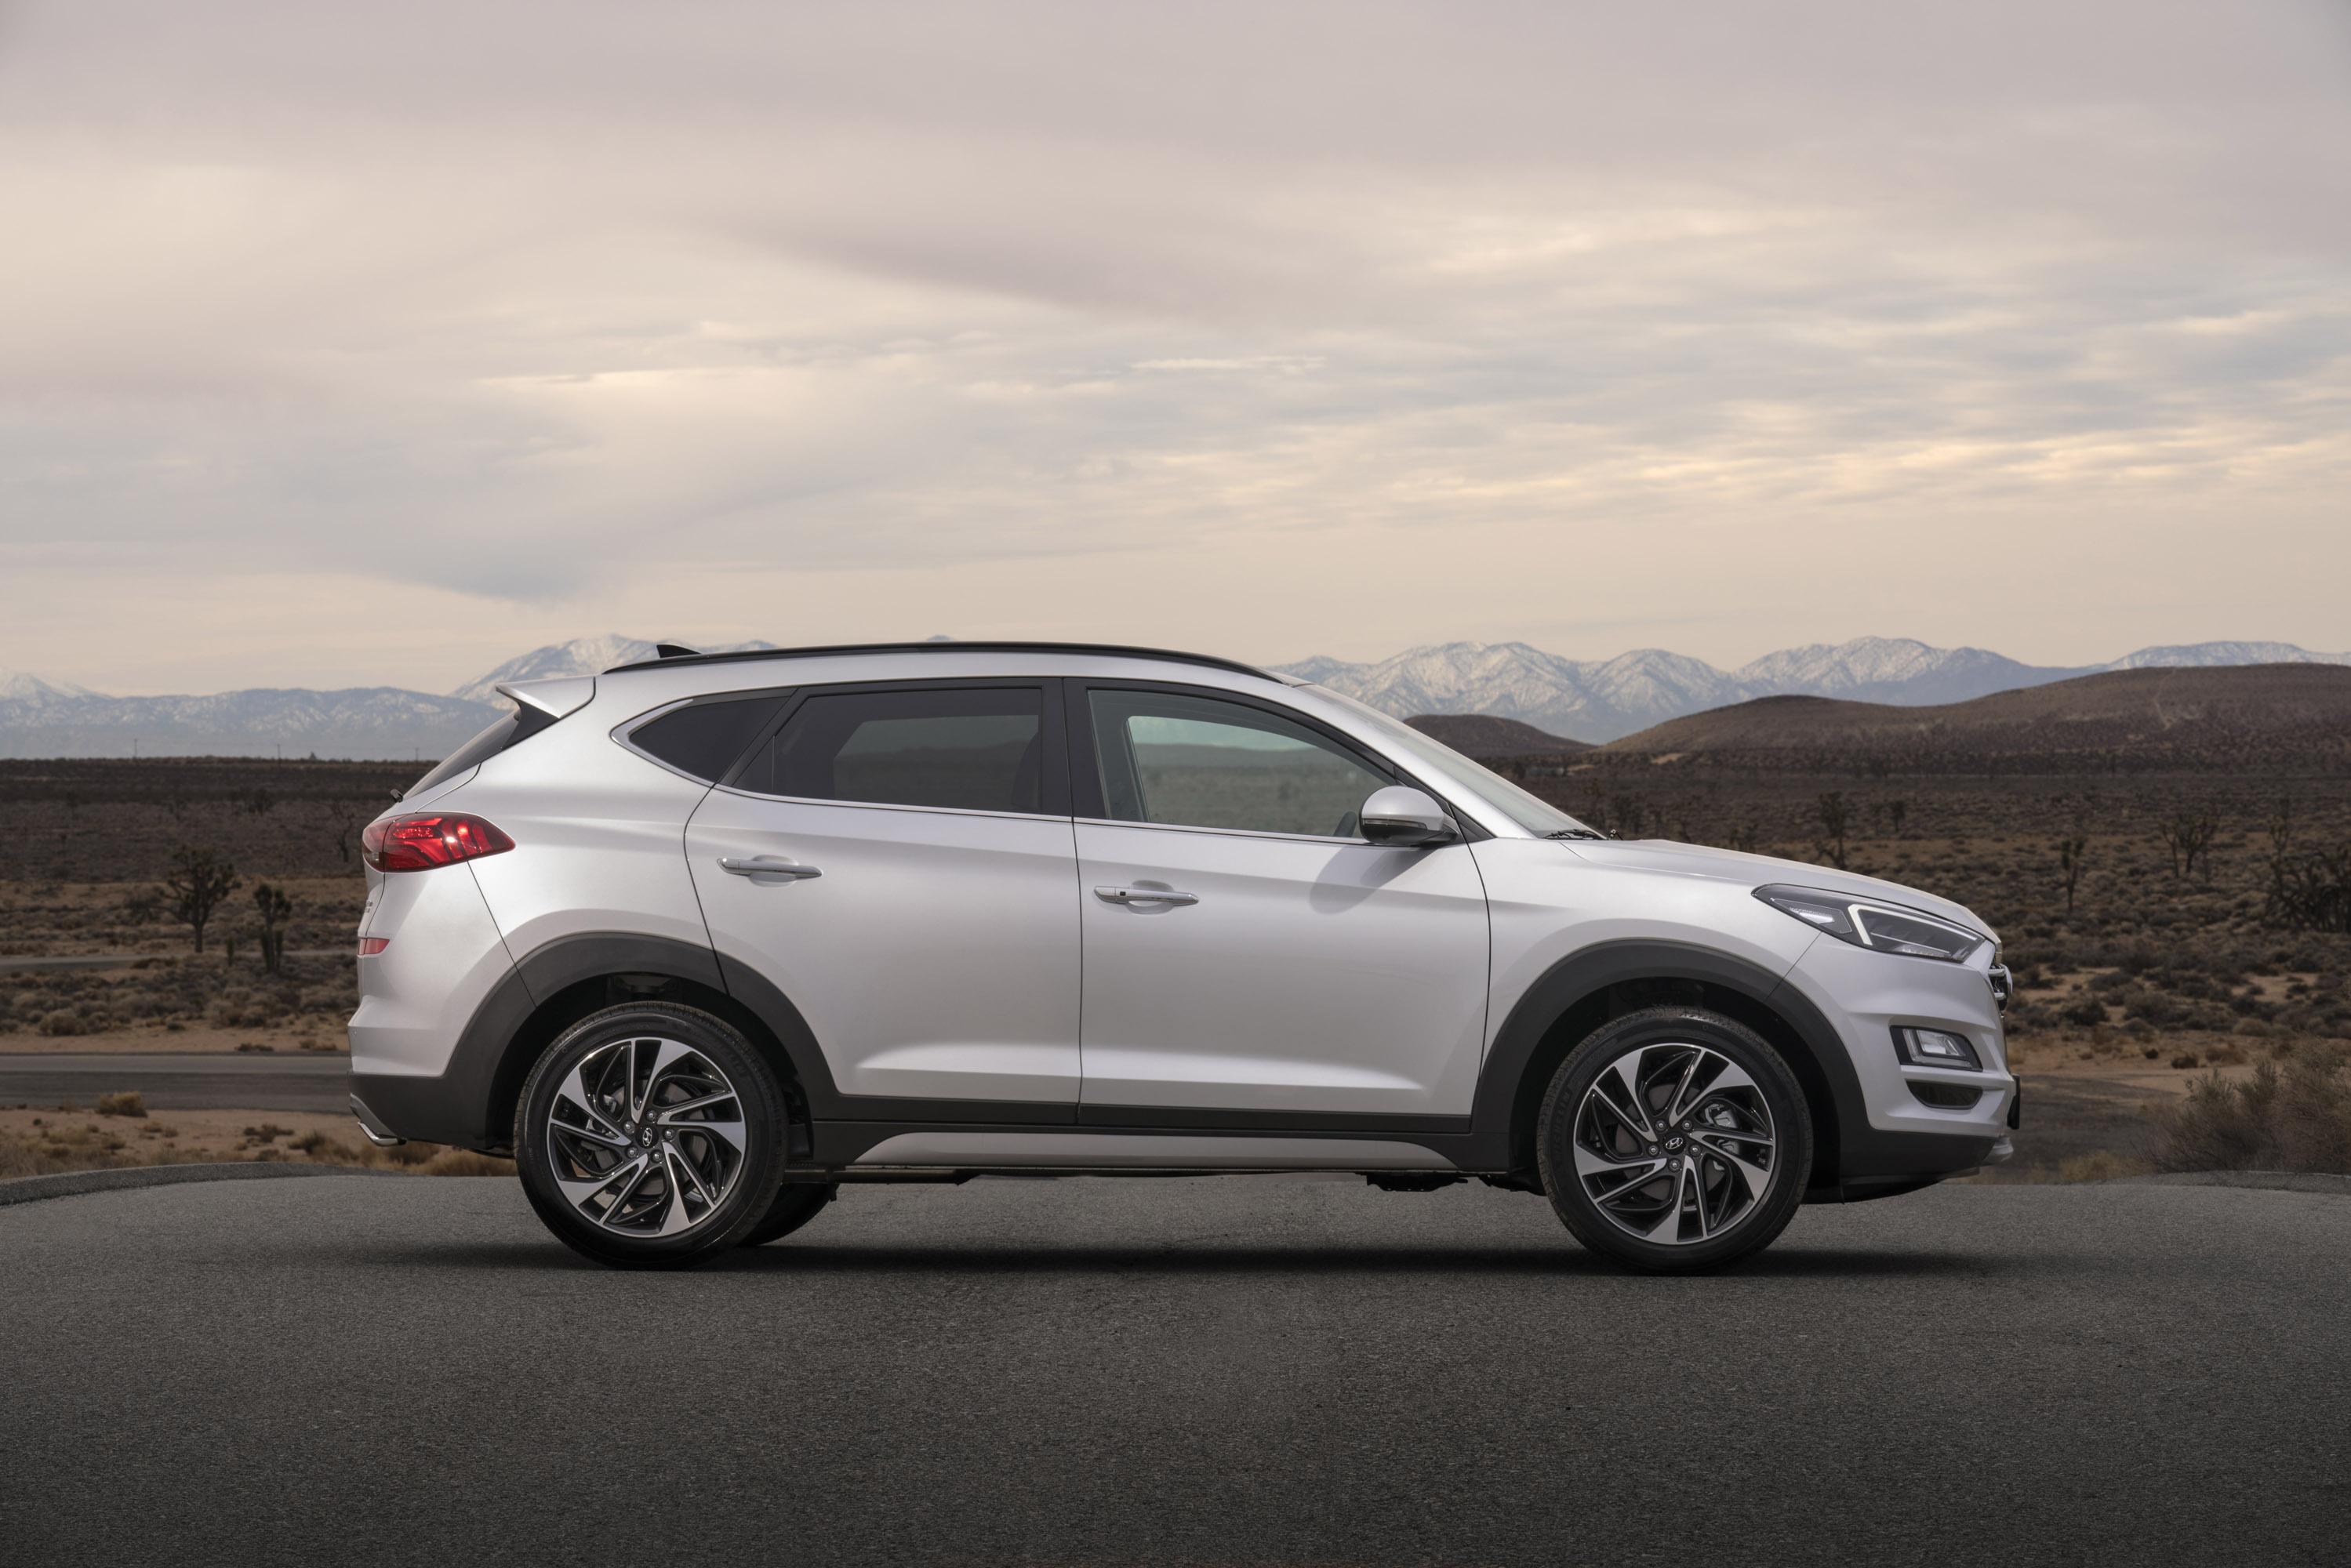 Hyundai unveils 2018 Tucson